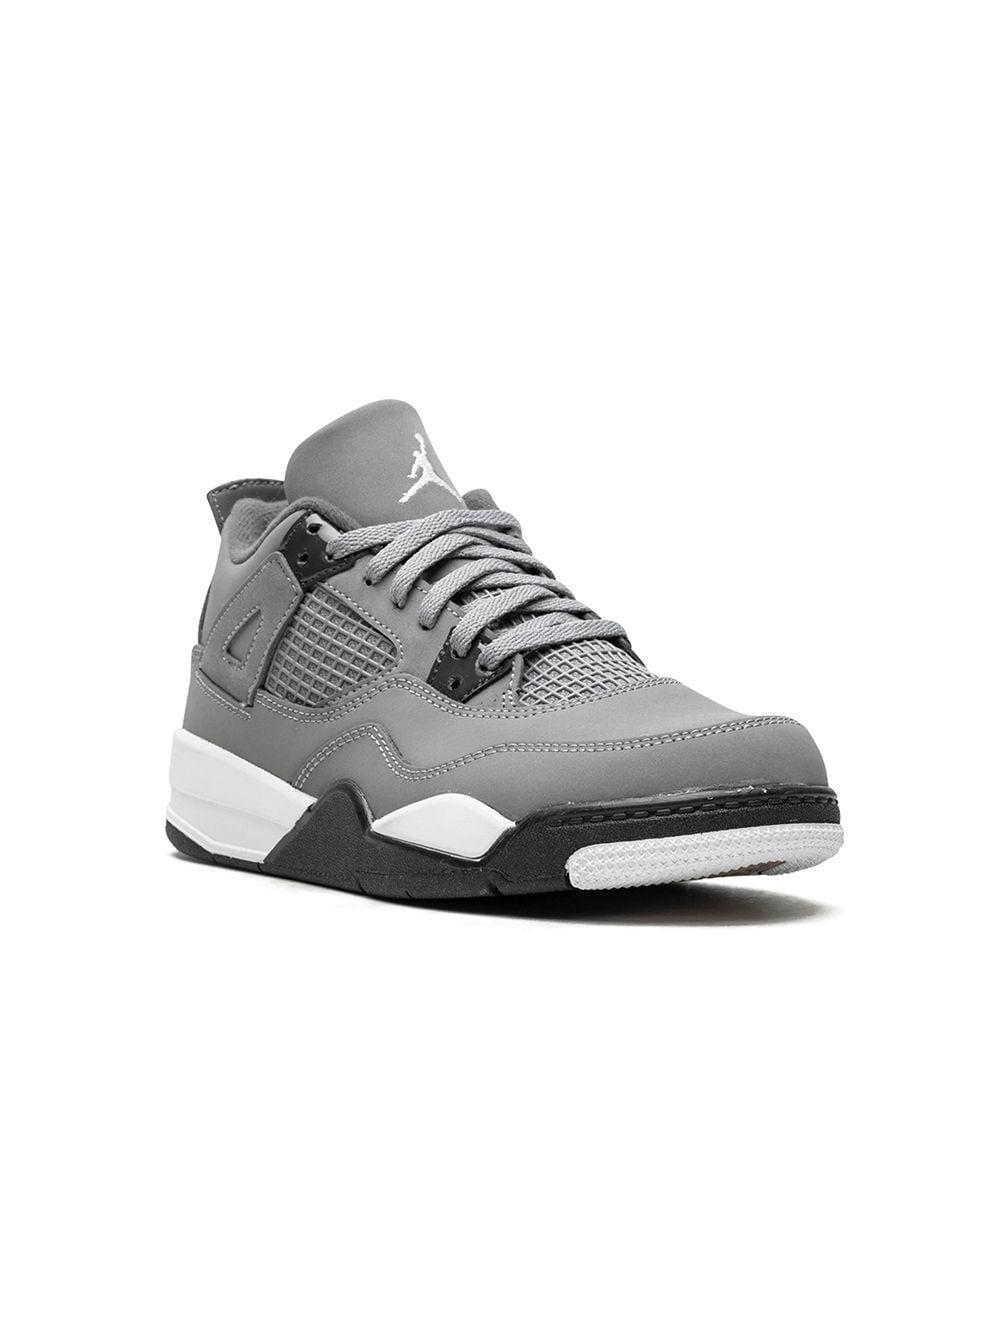 Jordan shoes girls, Retro sneakers